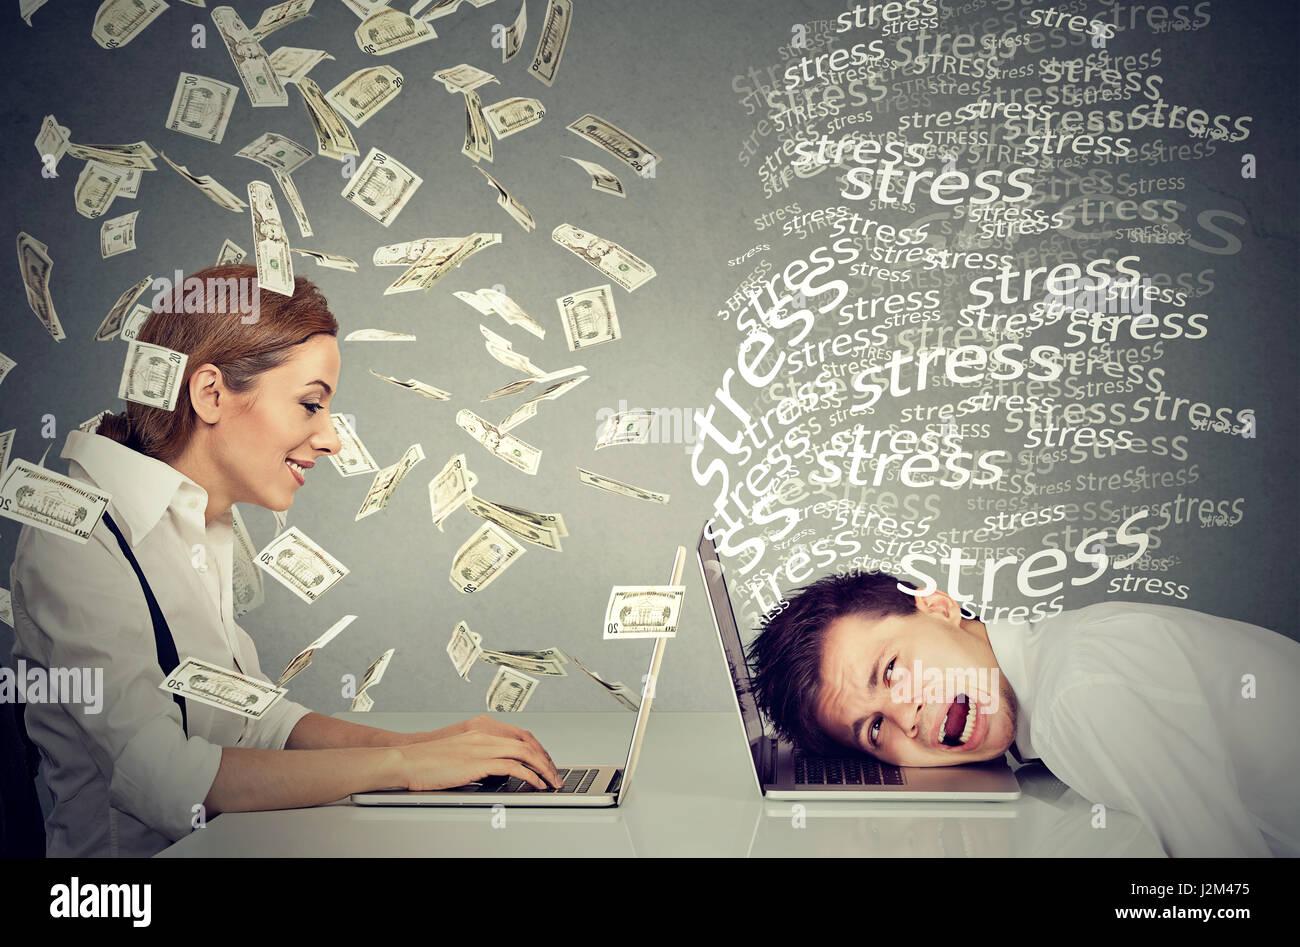 La remuneración de los asalariados de la economía. Mujer con éxito bajo la lluvia dinero trabajando Imagen De Stock